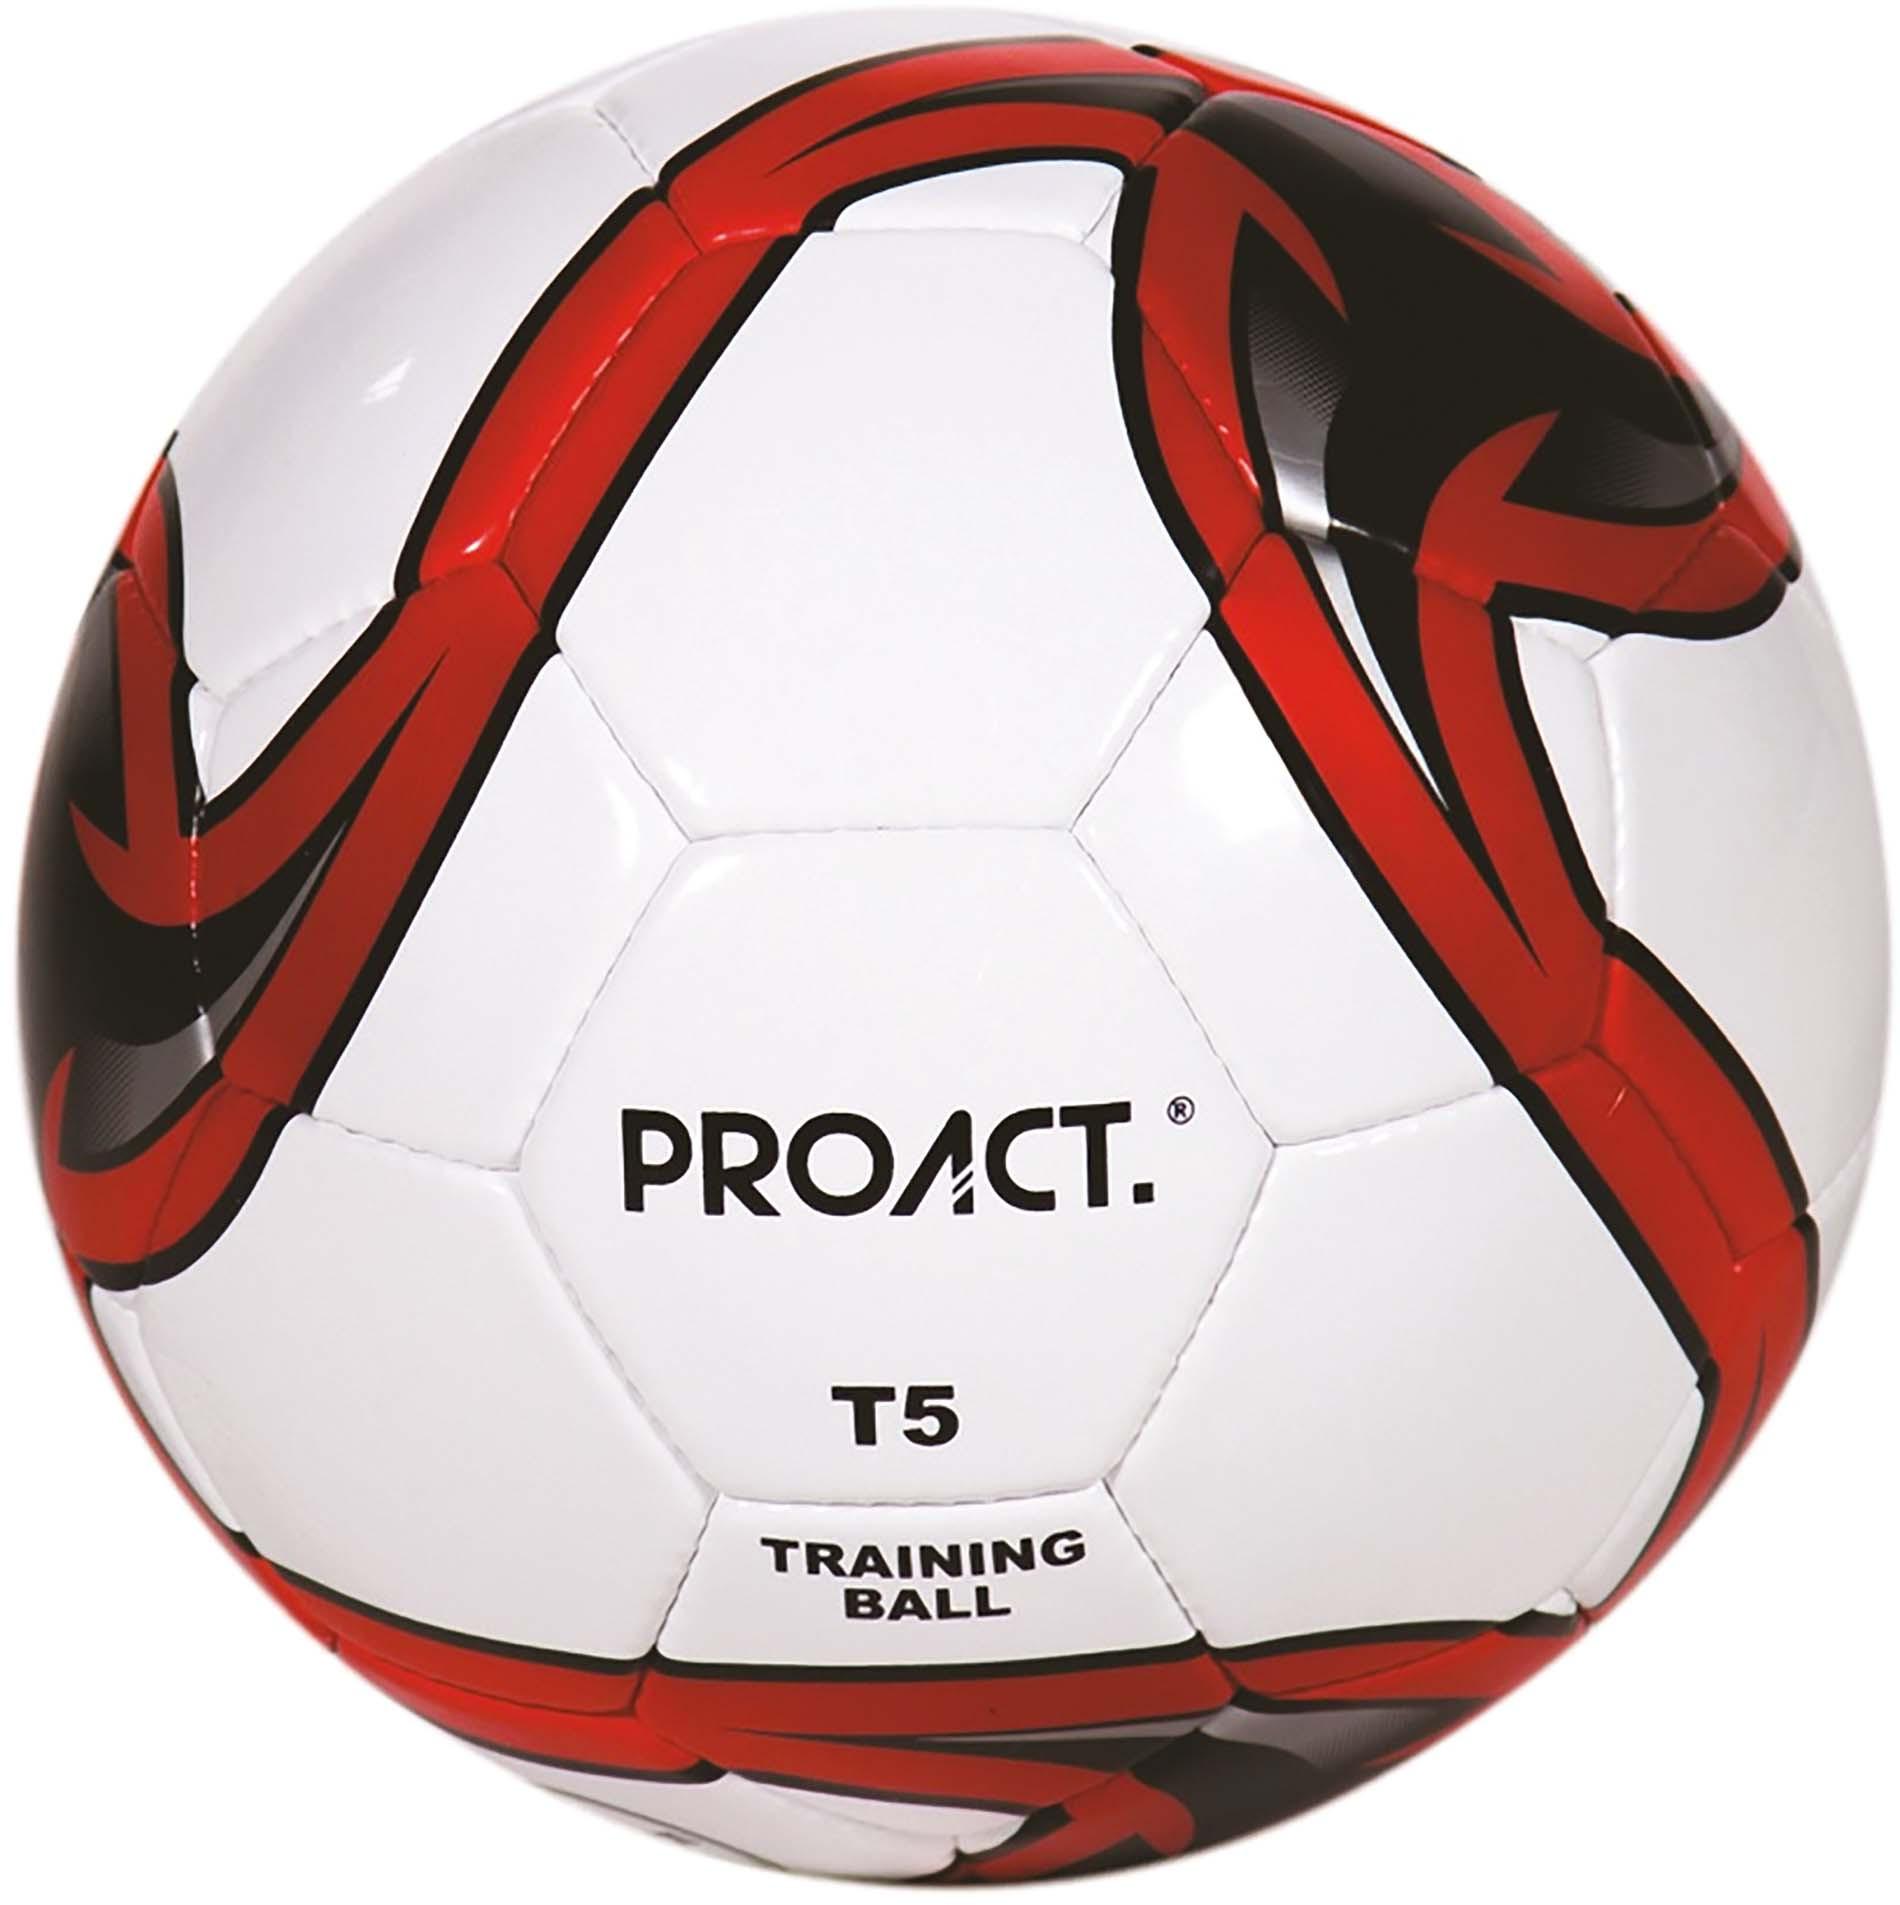 Proact Ballon football Glider 2 taille 5